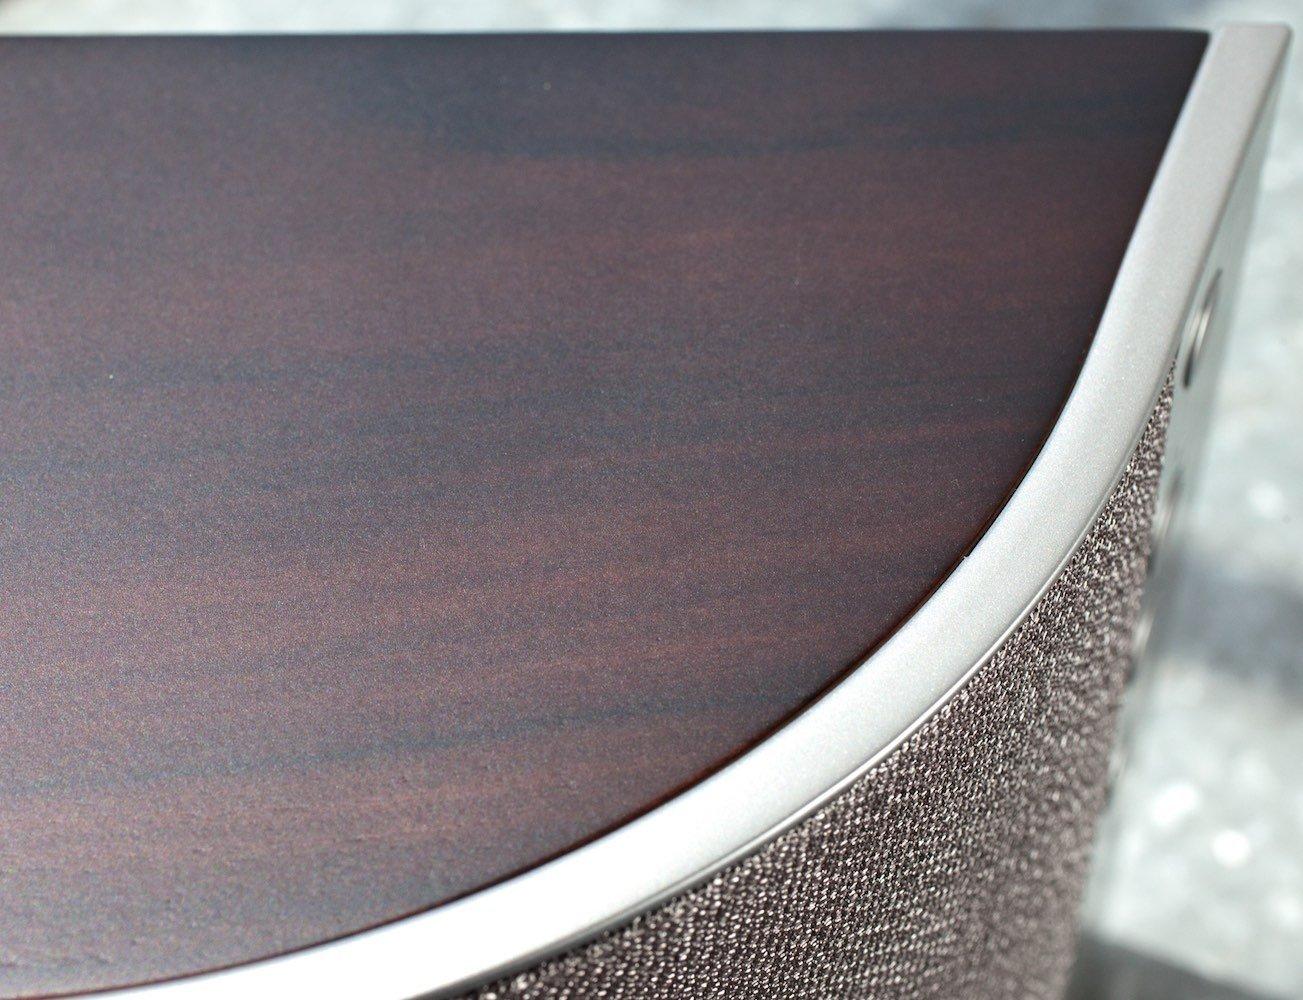 Wren Sound V5PF Bamboo Play-Fi Network Speaker